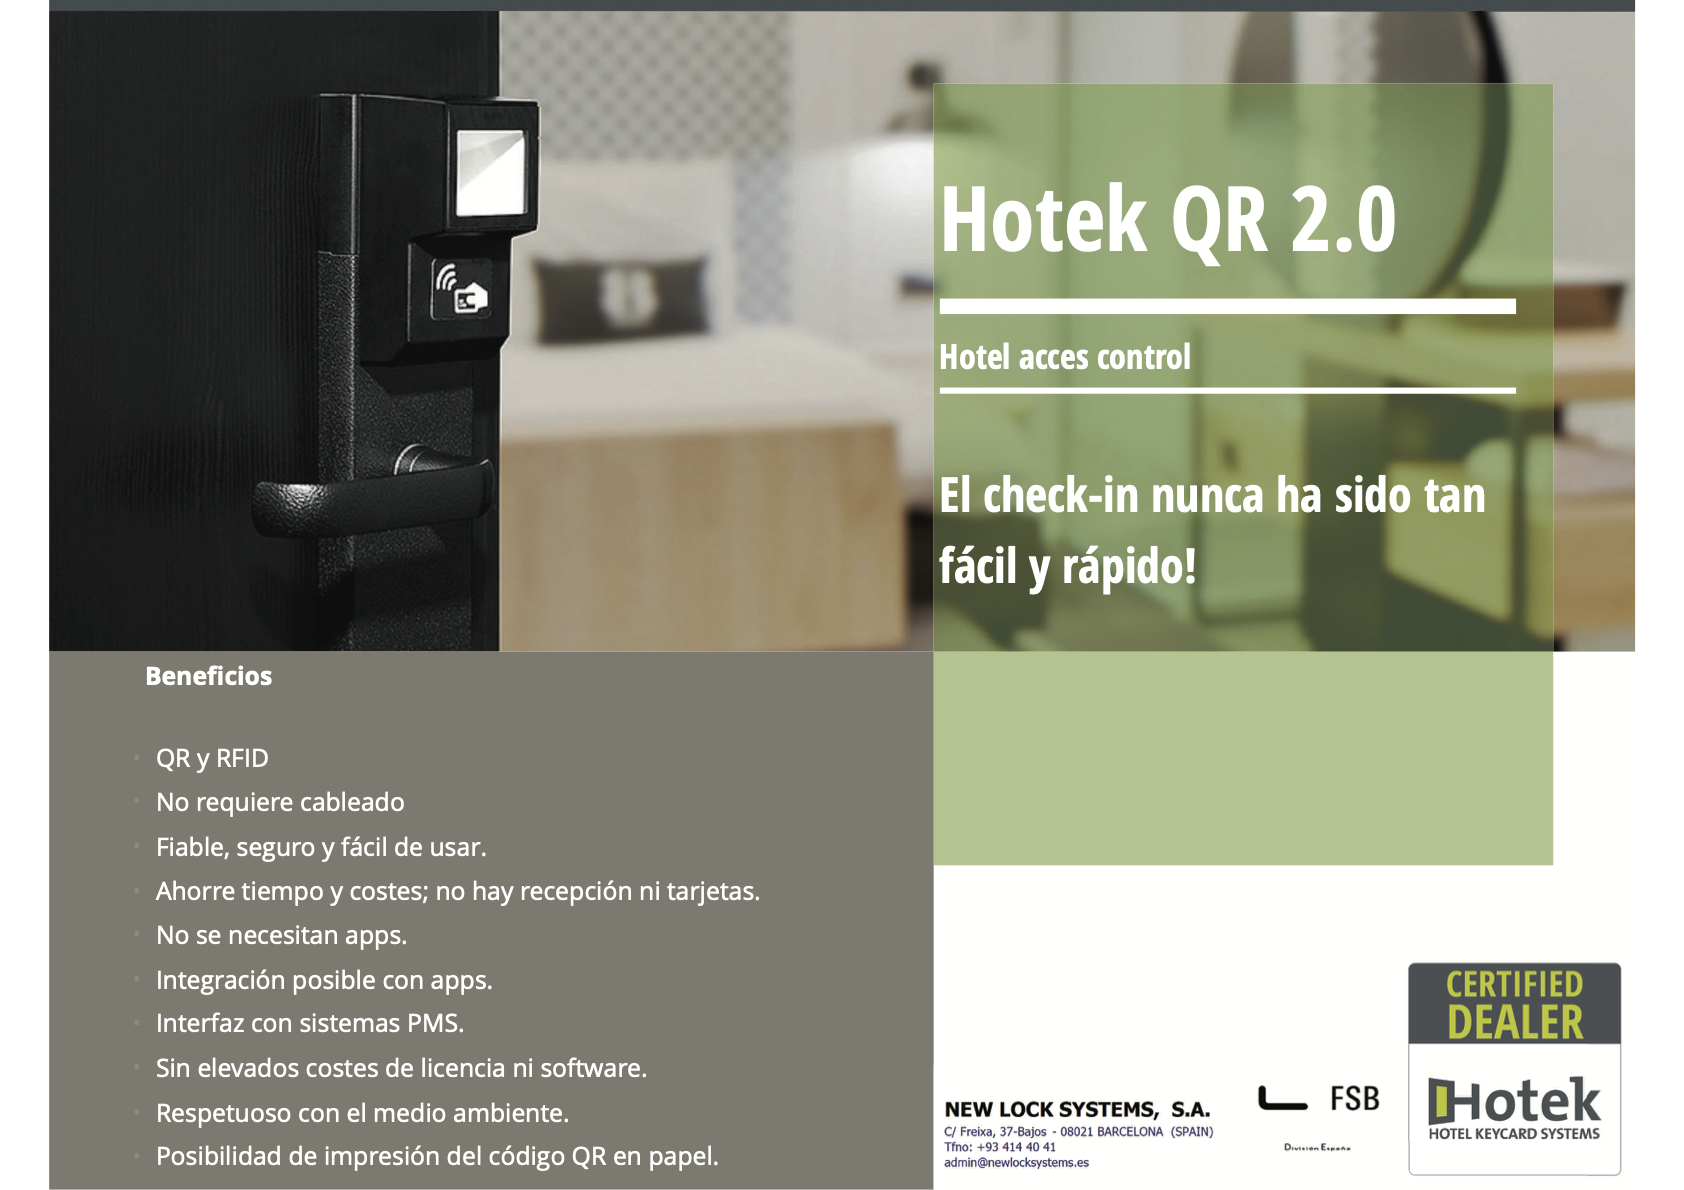 hotek-qr-2-0